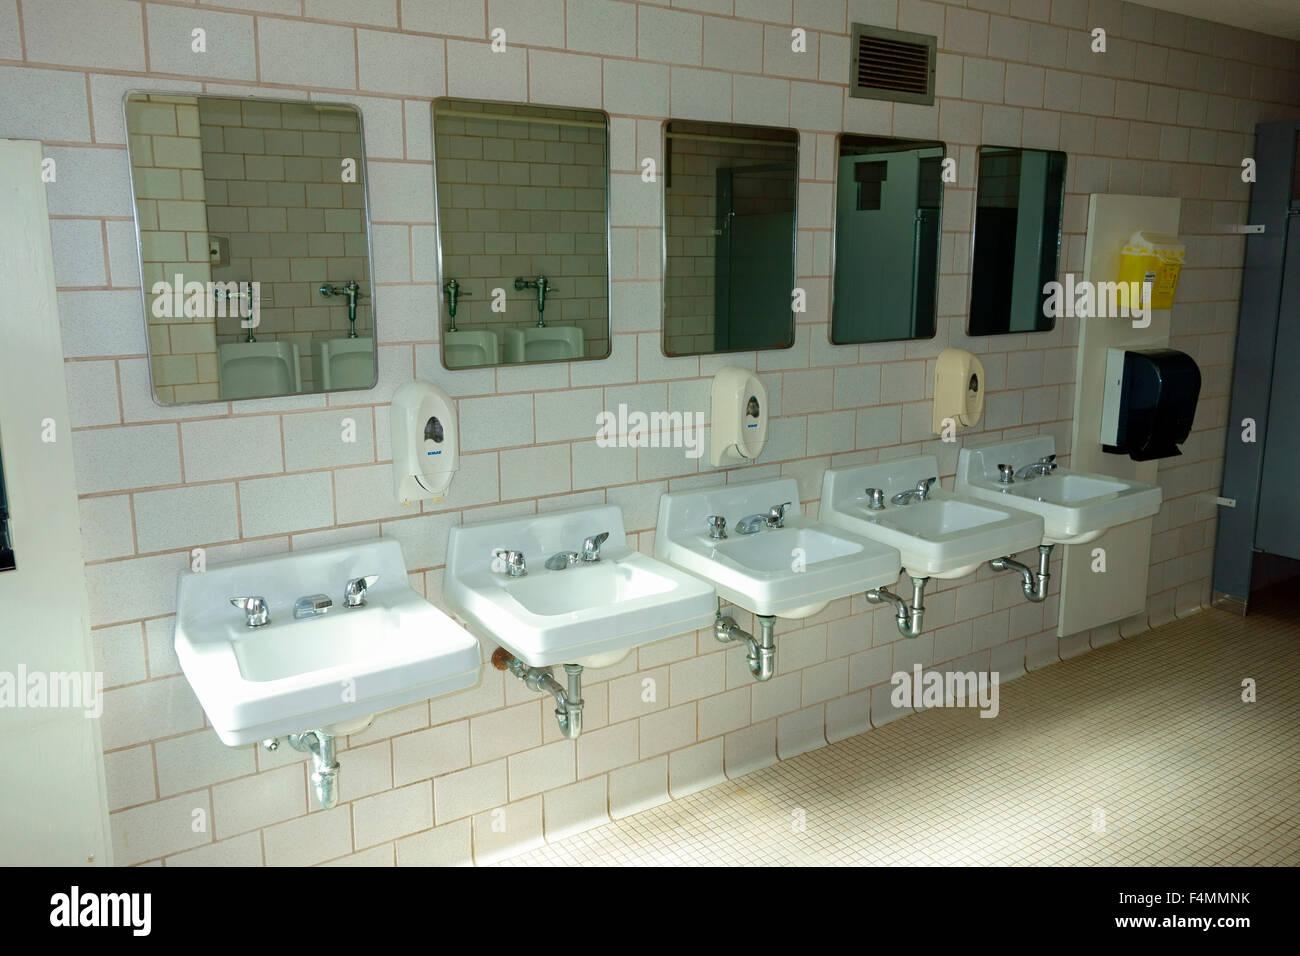 une rang e de lavabos dans les toilettes publiques salle. Black Bedroom Furniture Sets. Home Design Ideas